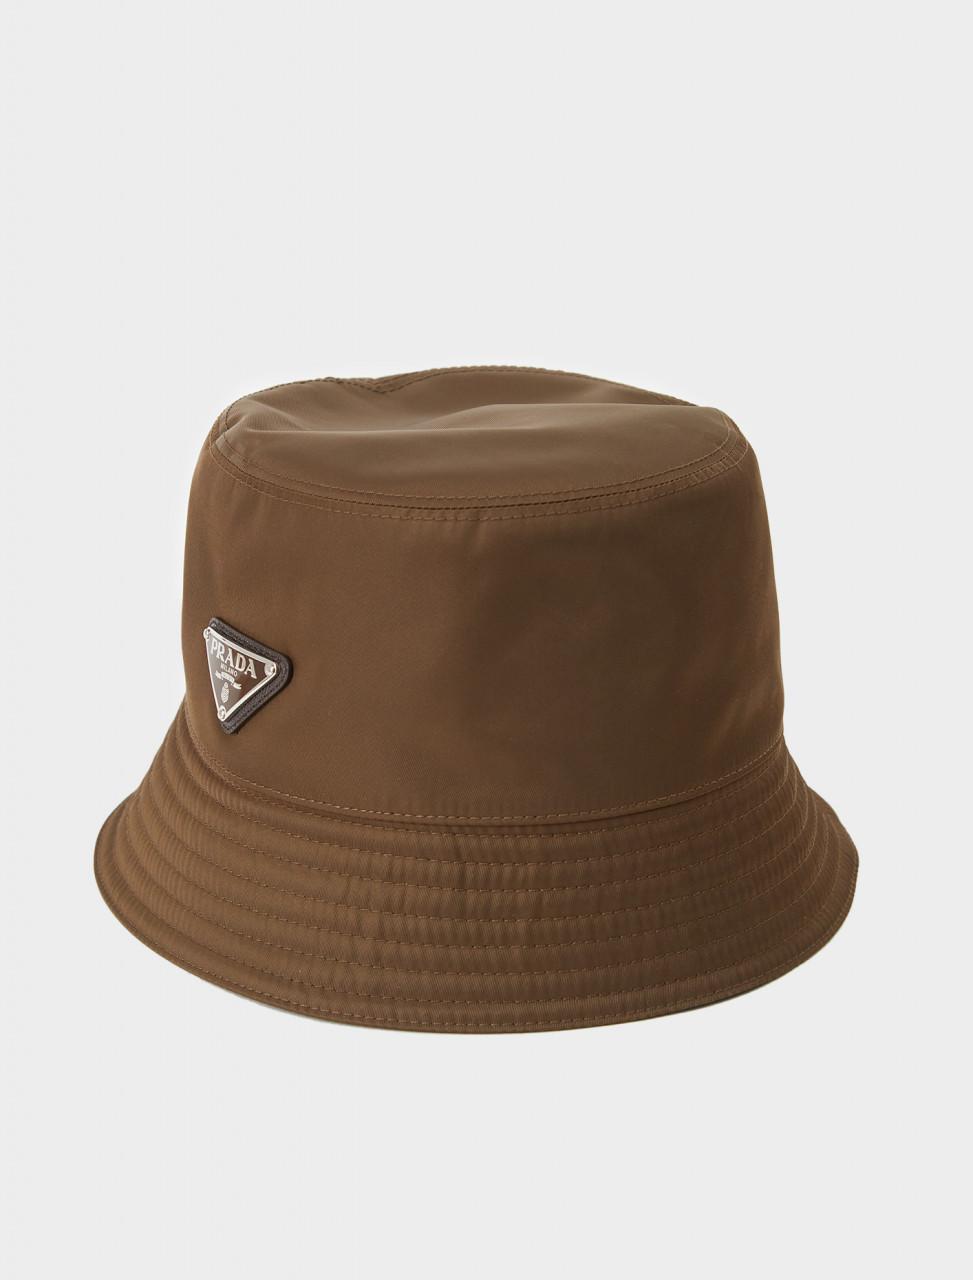 242-2HC137-2B15-F0038 PRADA NYLON BUCKET HAT IN BRUCIATO